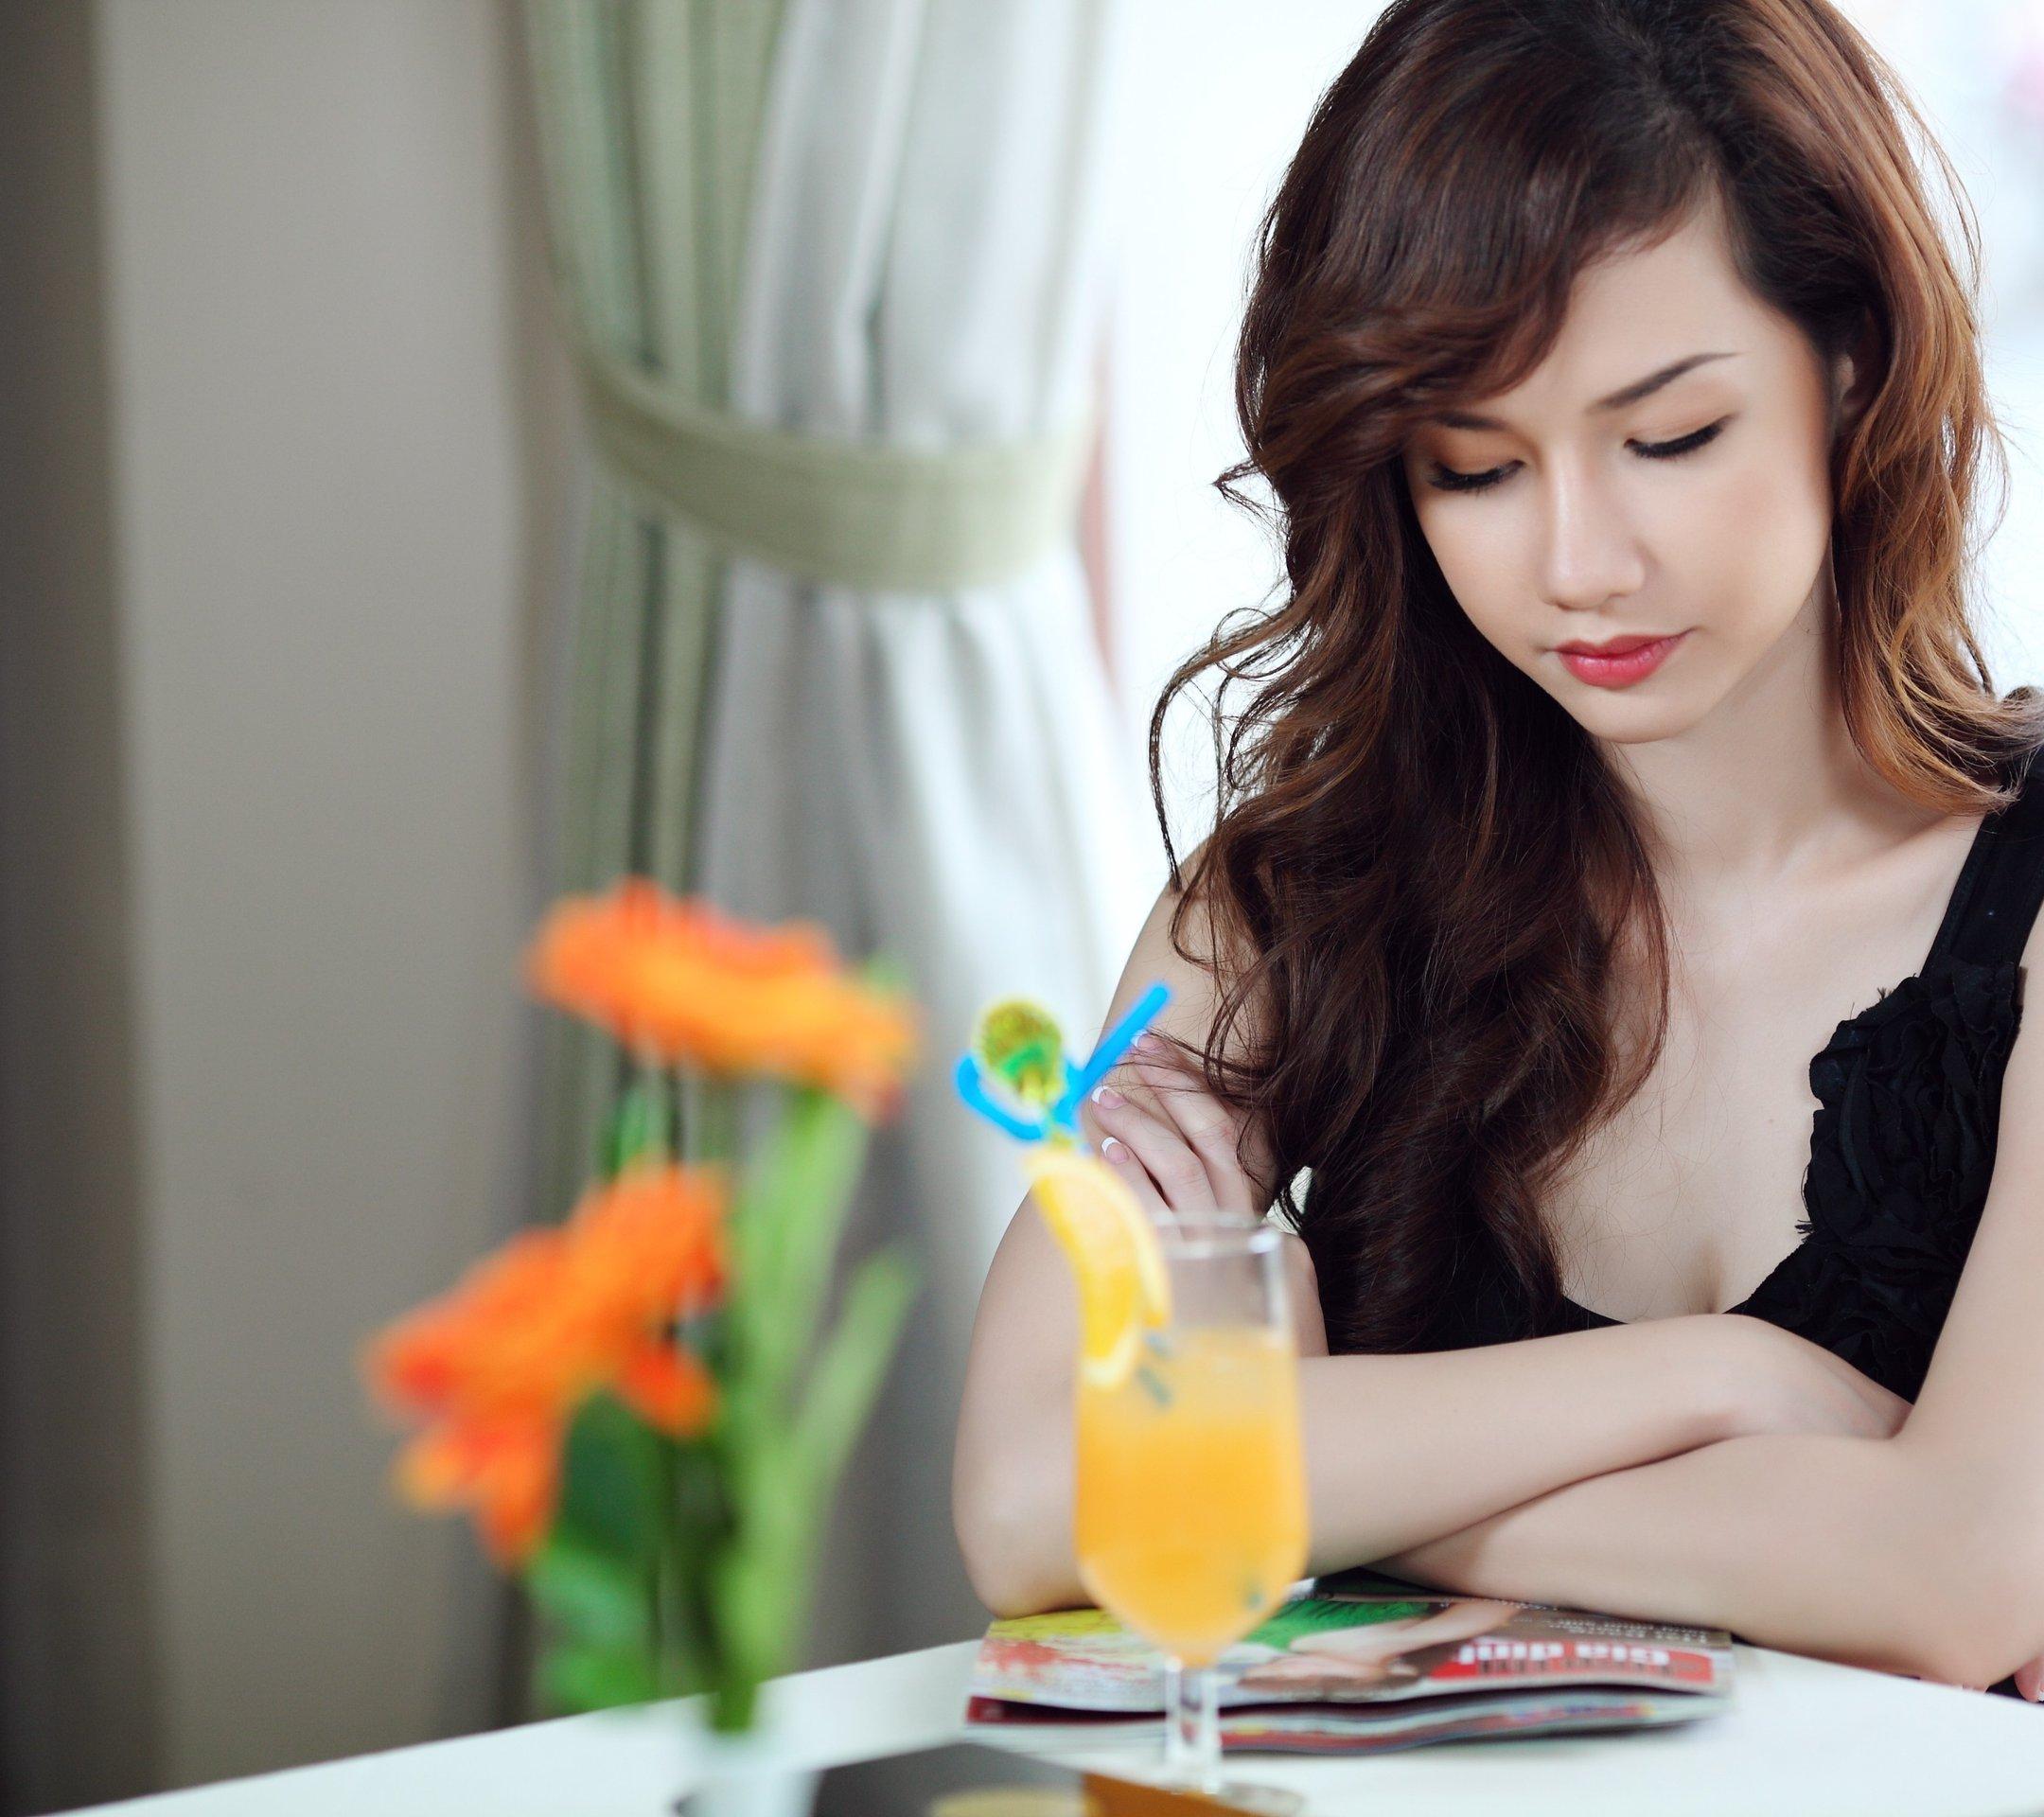 超高清美女壁纸 :: 科杰在线pc354